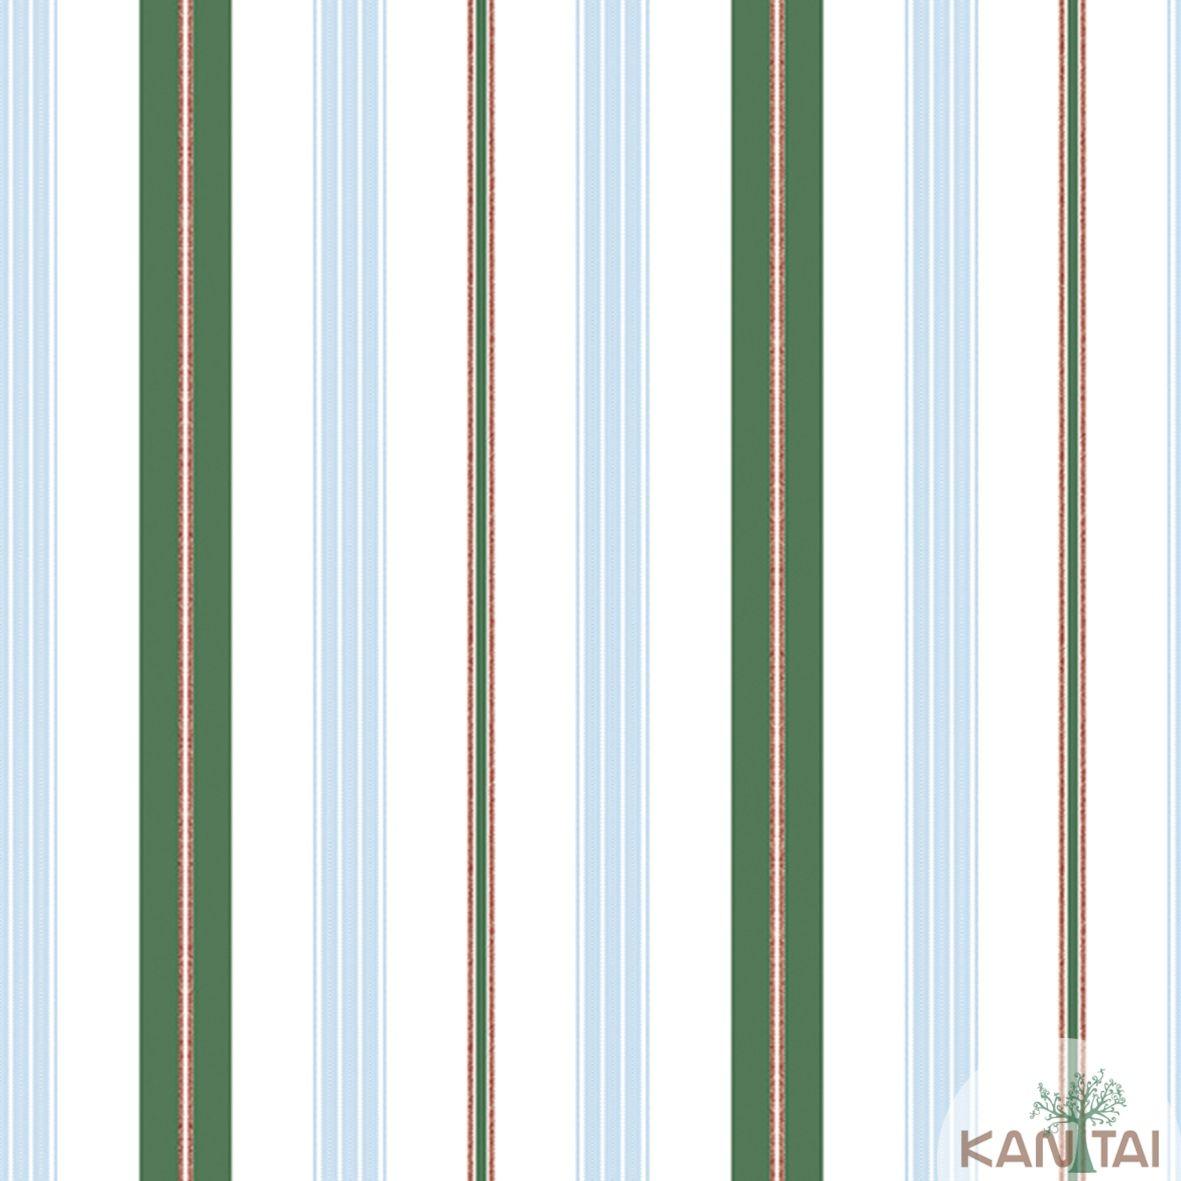 Papel de Parede Importado Kantai TNT Coleção Davinci II Listras Marfim, Verde, Vermelho, Azul